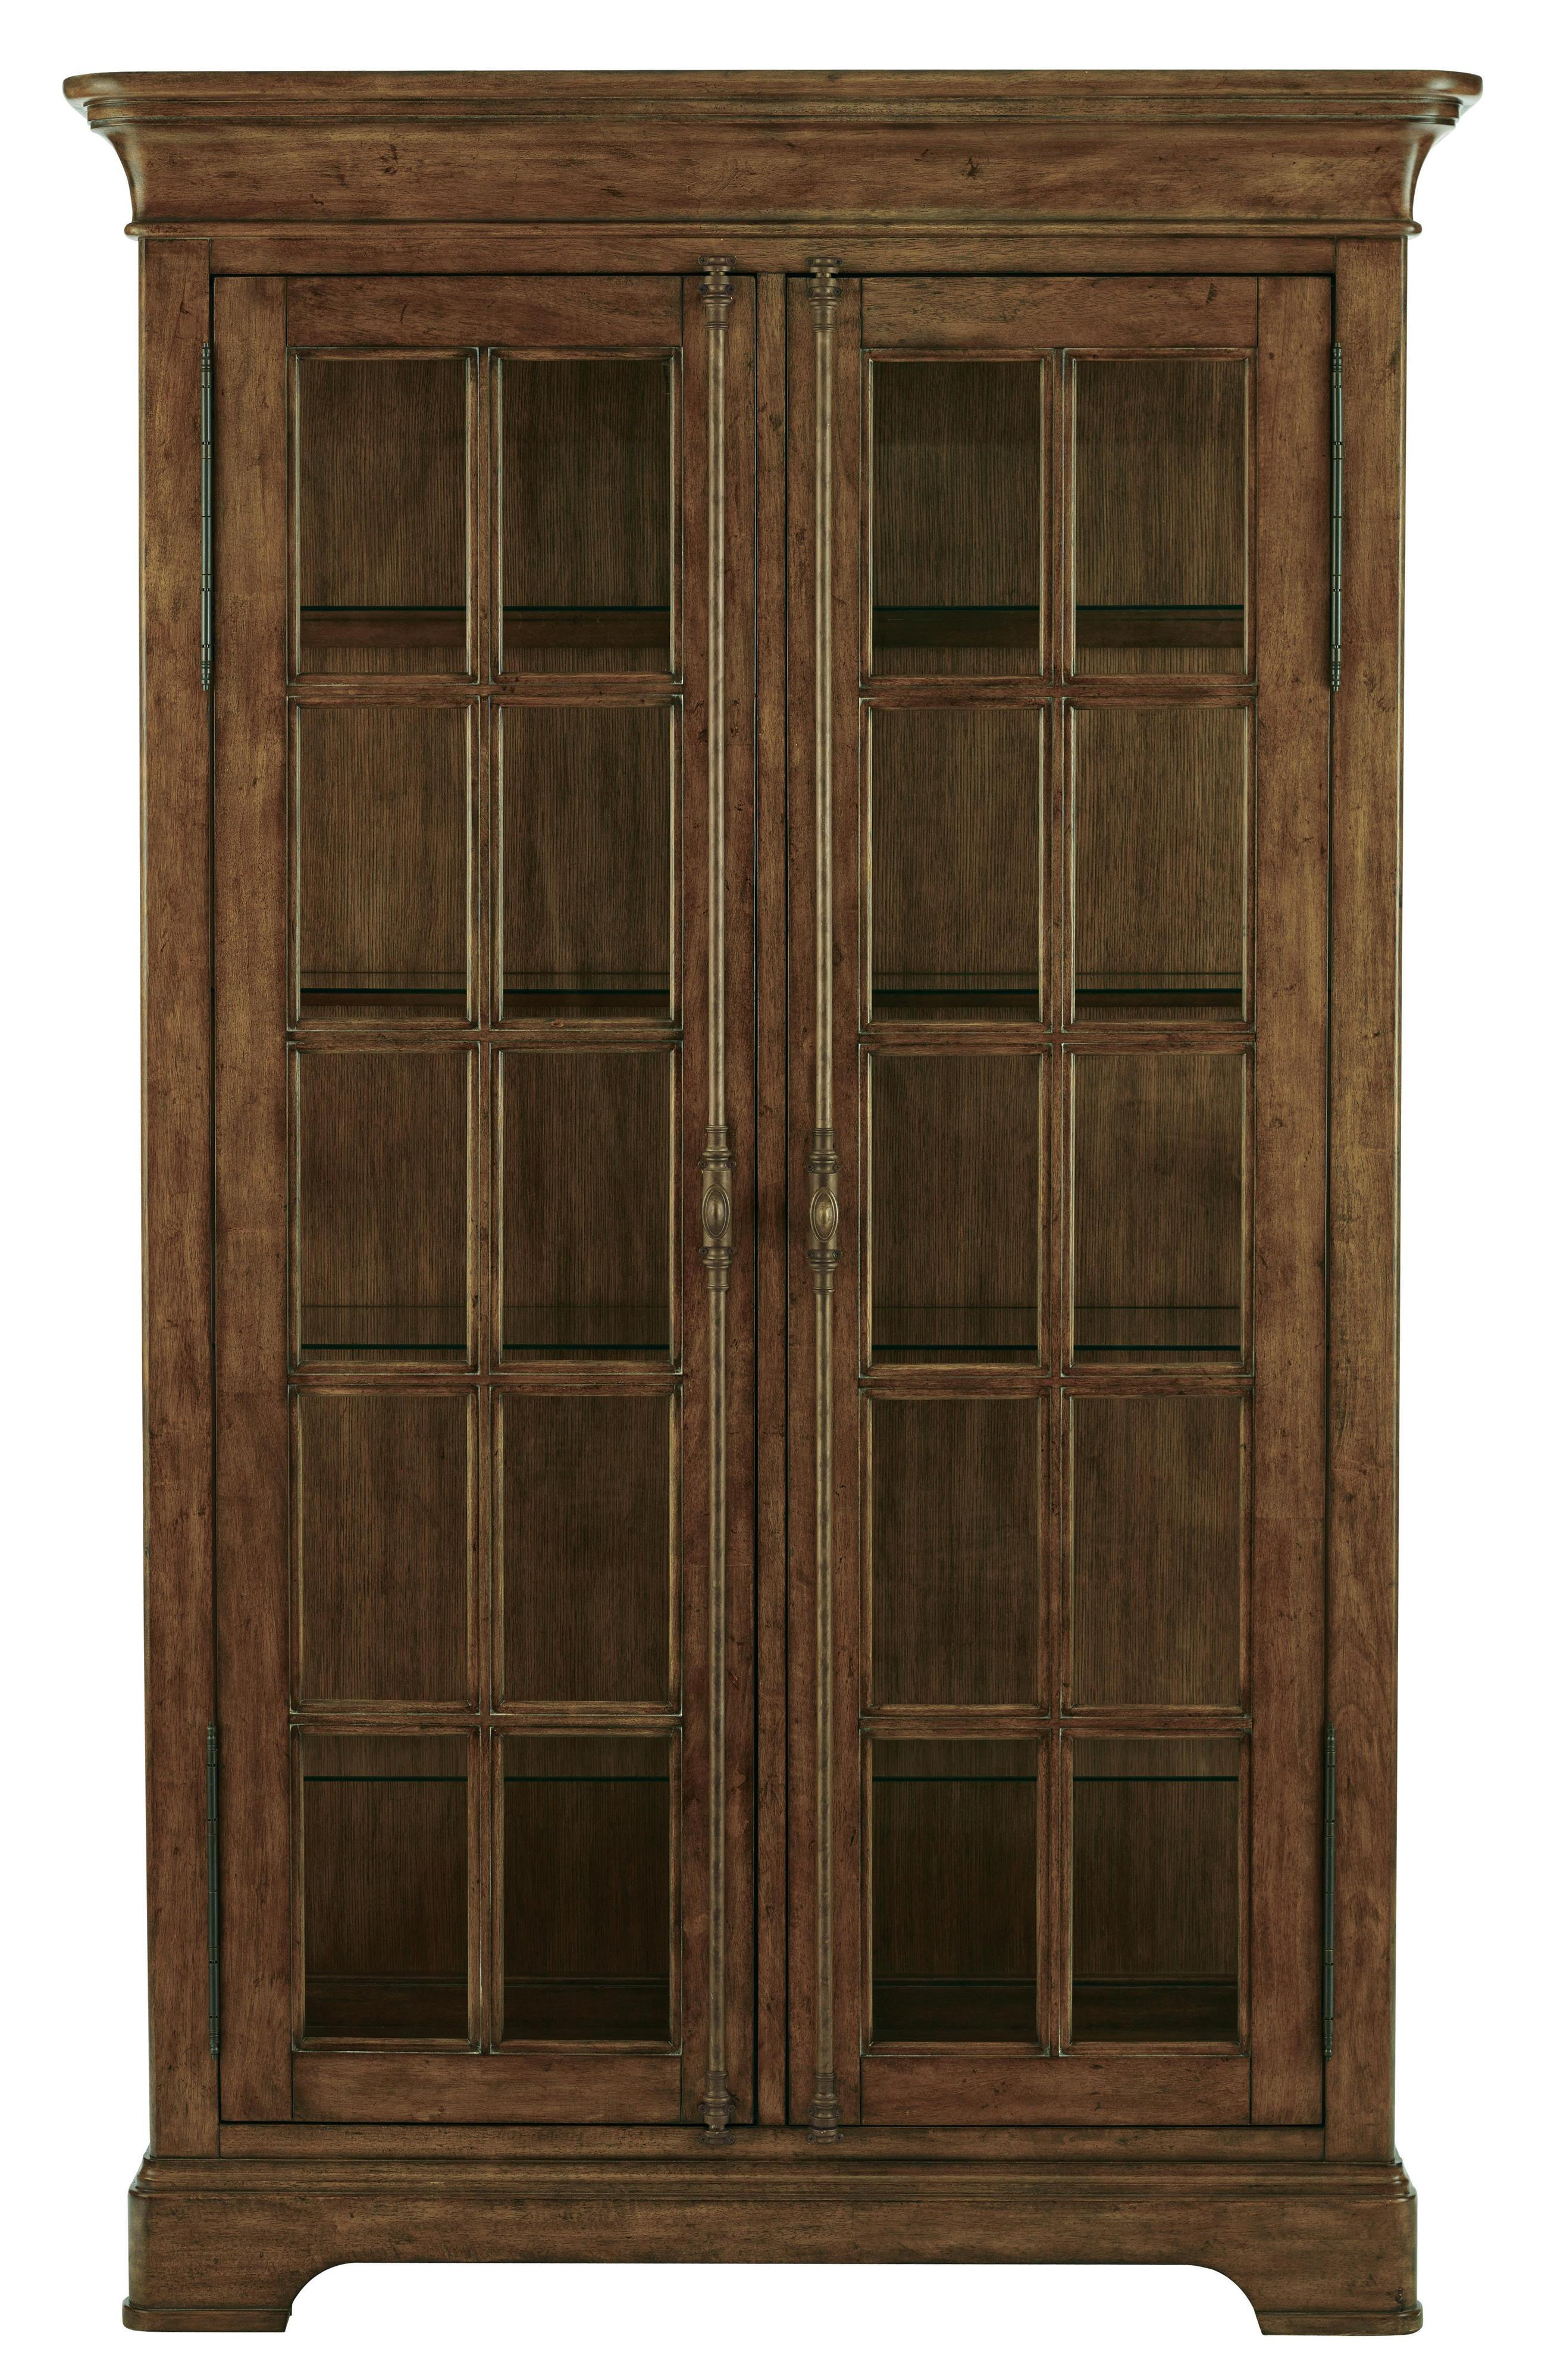 Belfort Select Virginia Mill Glass Door China Cabinet - Item Number: 8854-140